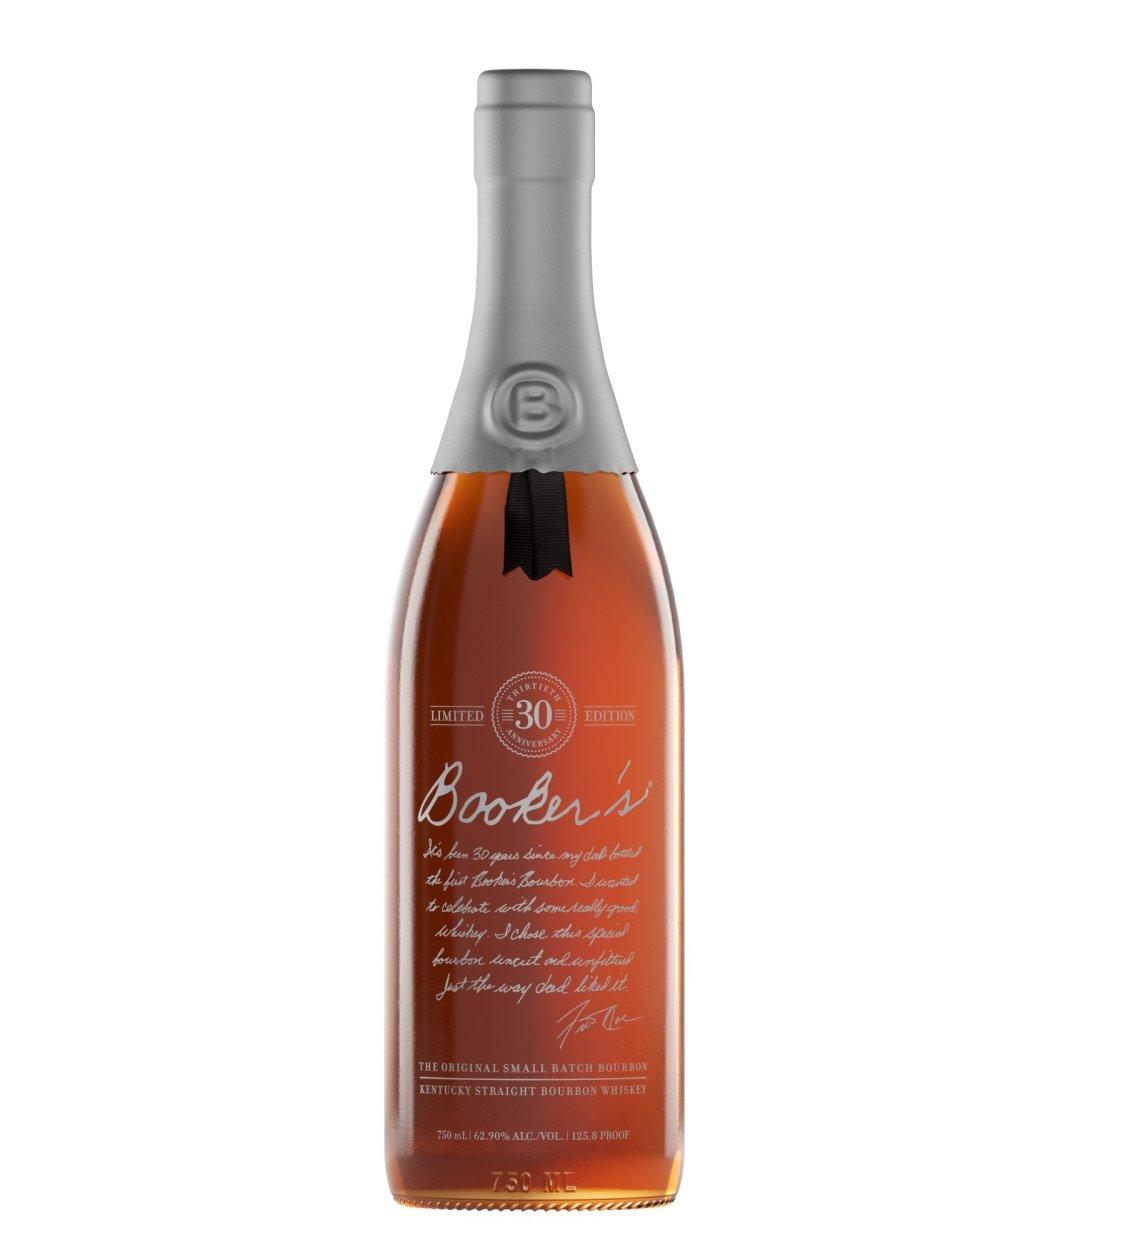 Booker's 30th Anniversary Edition Bourbon